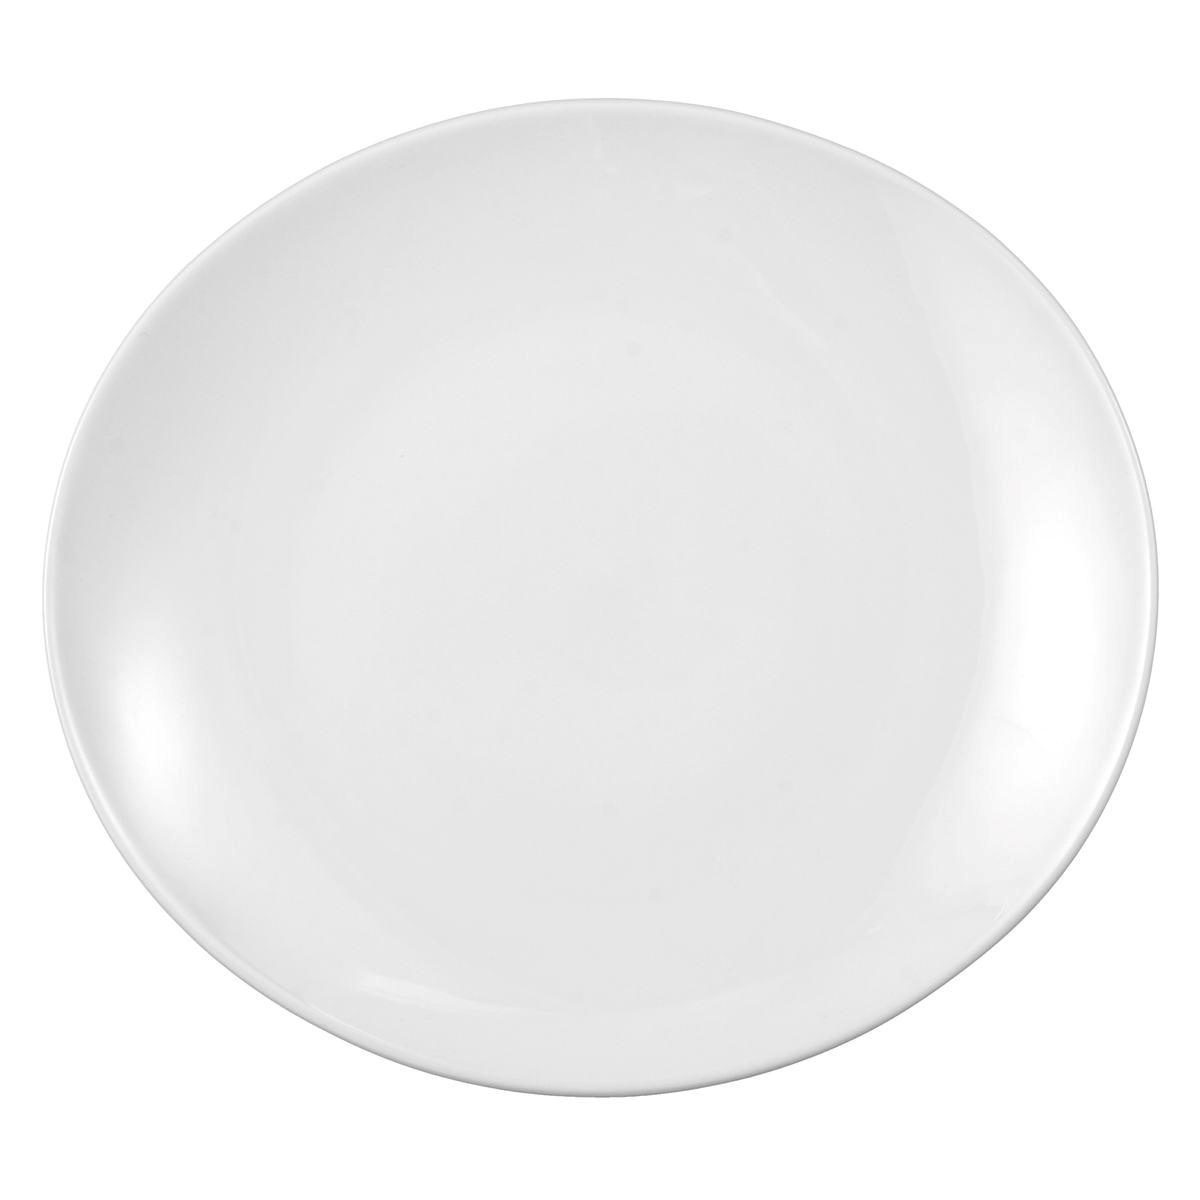 Teller oval 5192 - 29 cm - Serie Meran